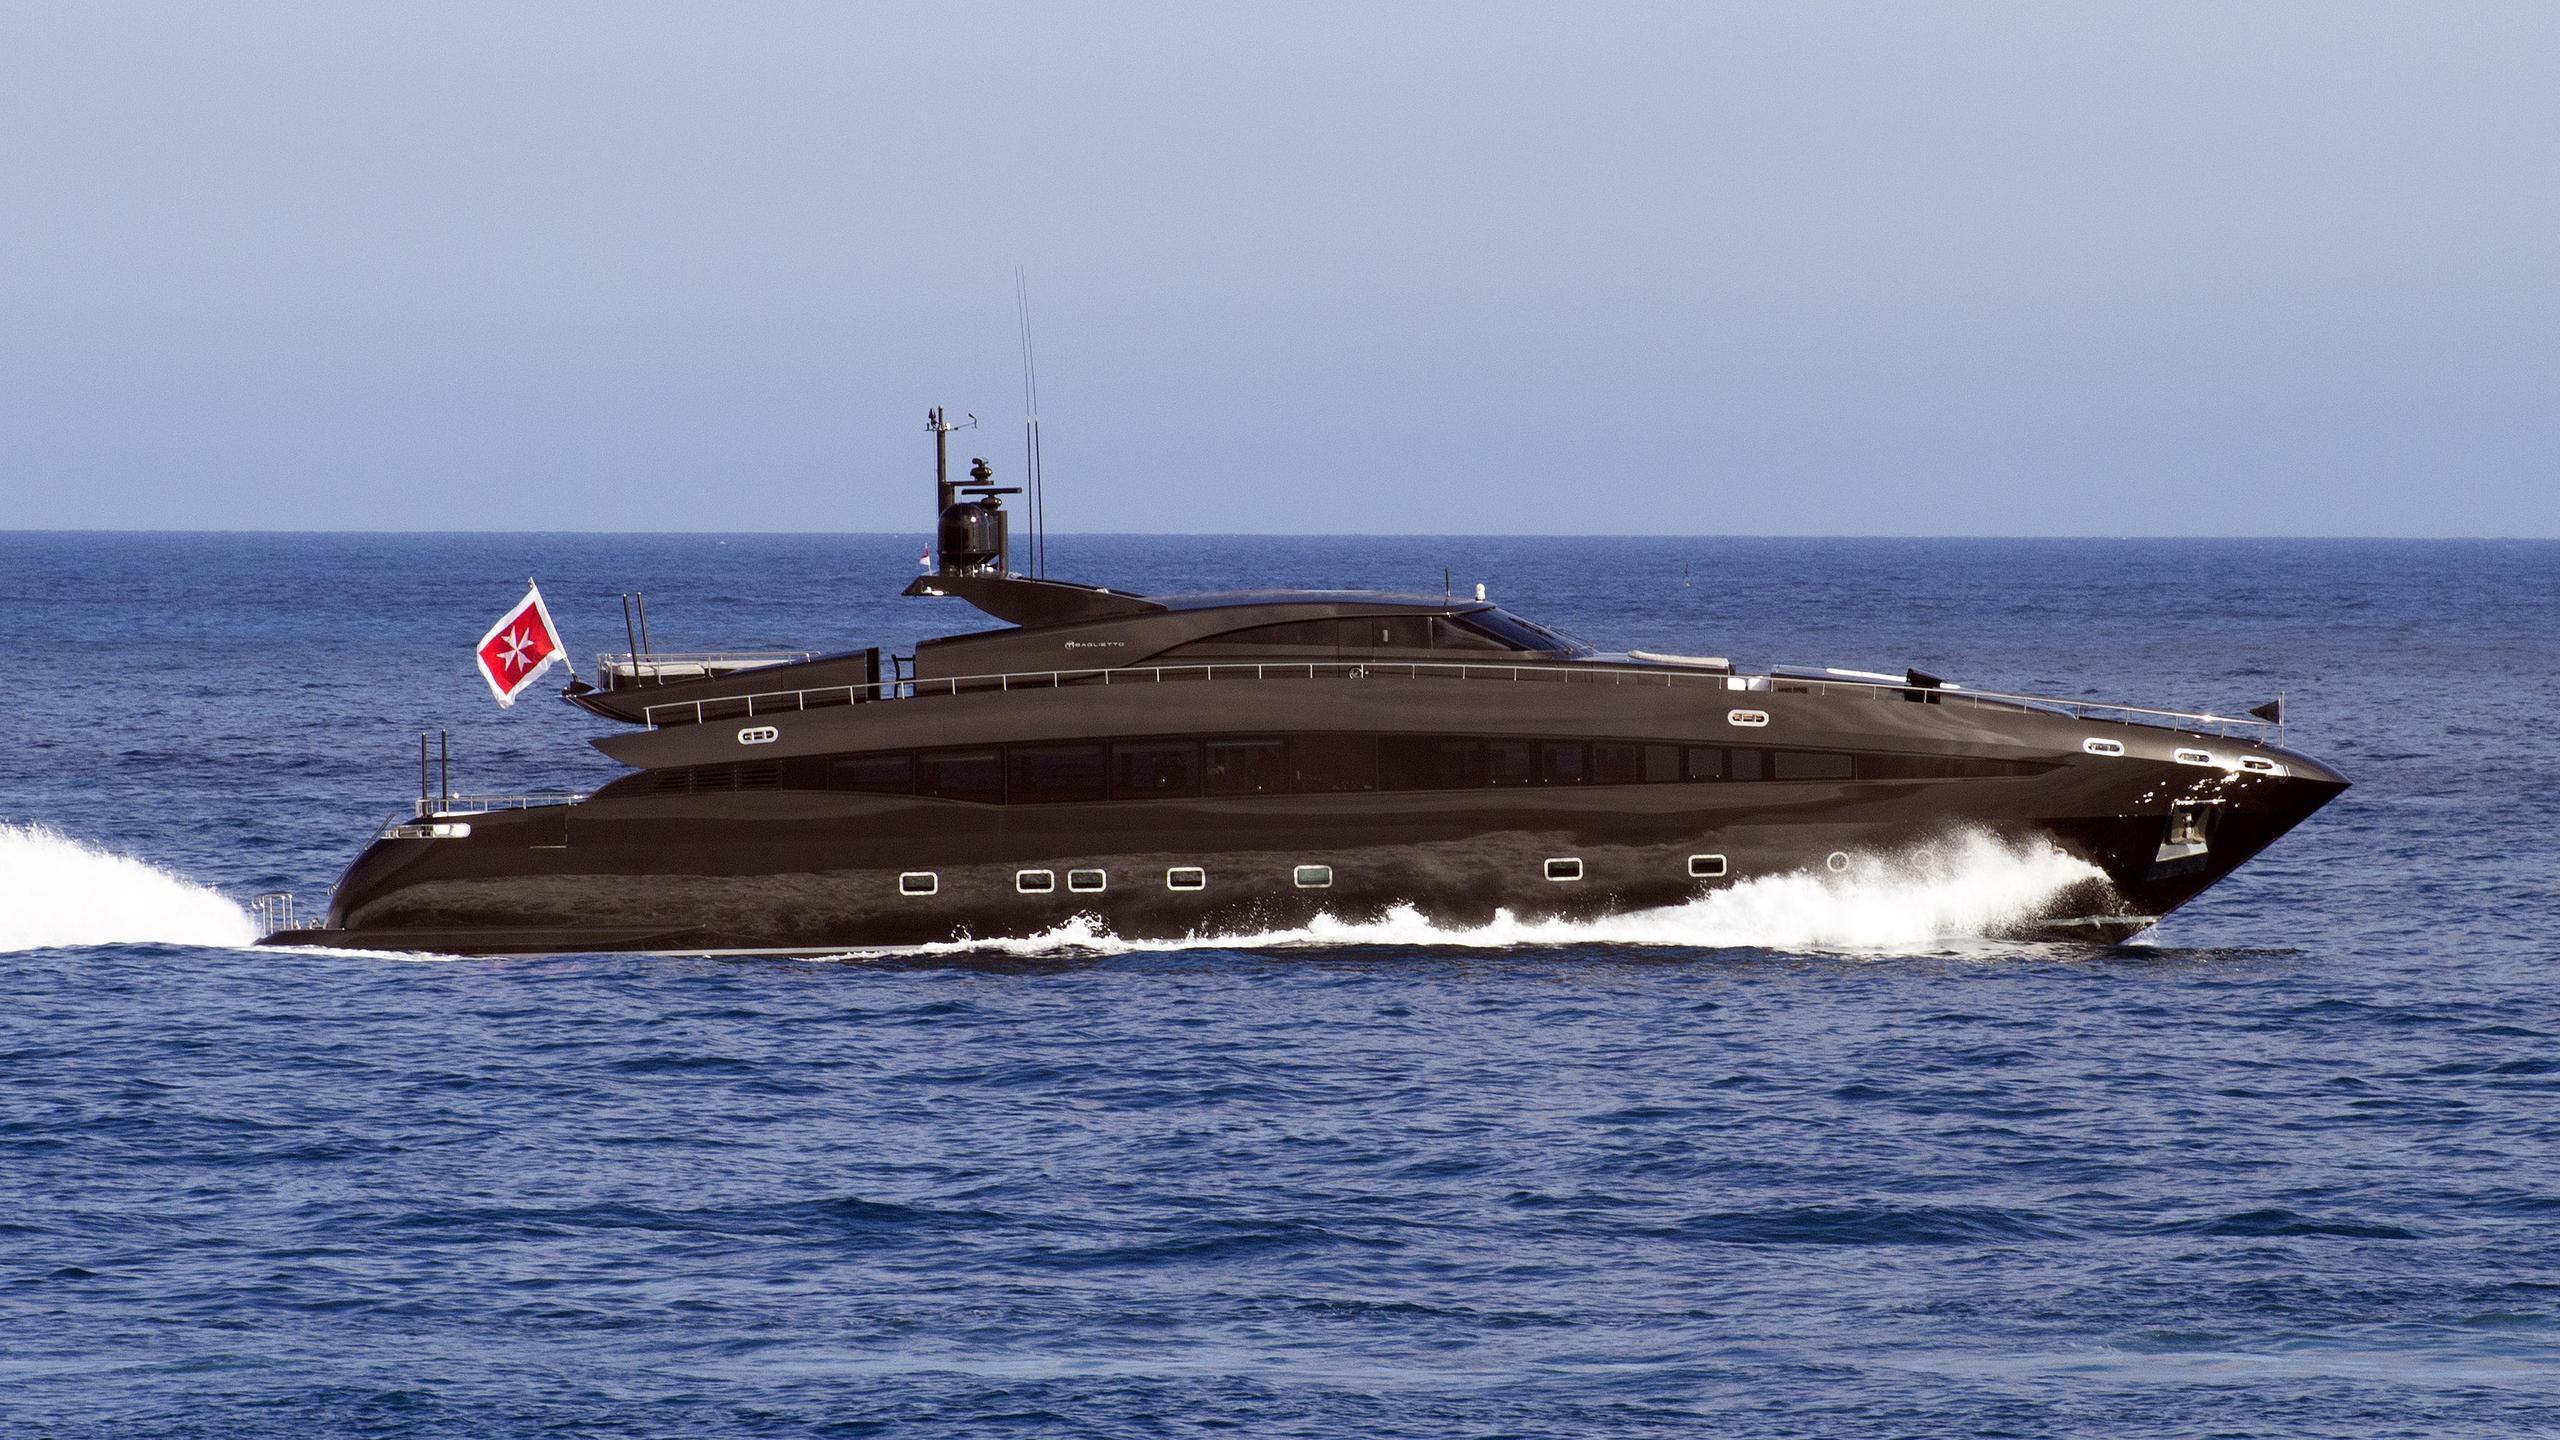 ability-motor-yacht-baglietto-2004-41m-cruising-profile